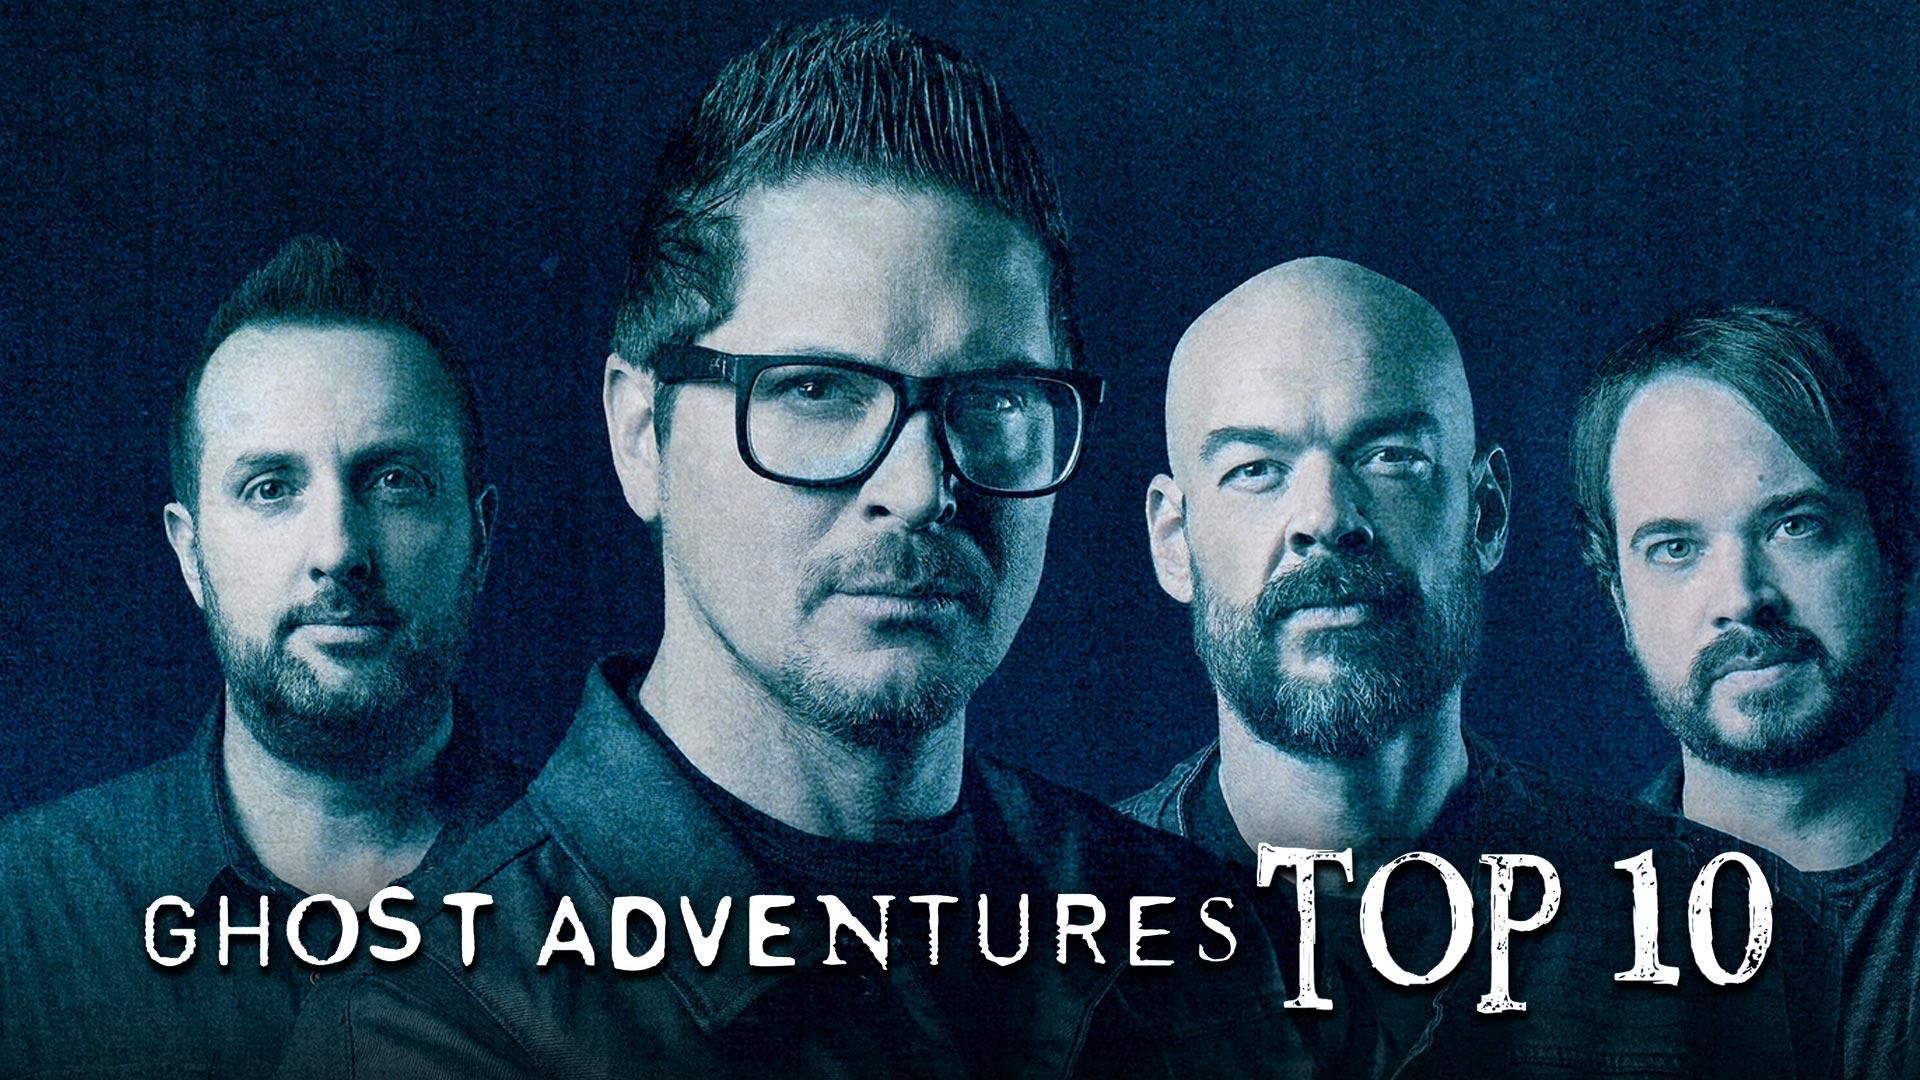 Ghost Adventures: Top 10 - Season 1